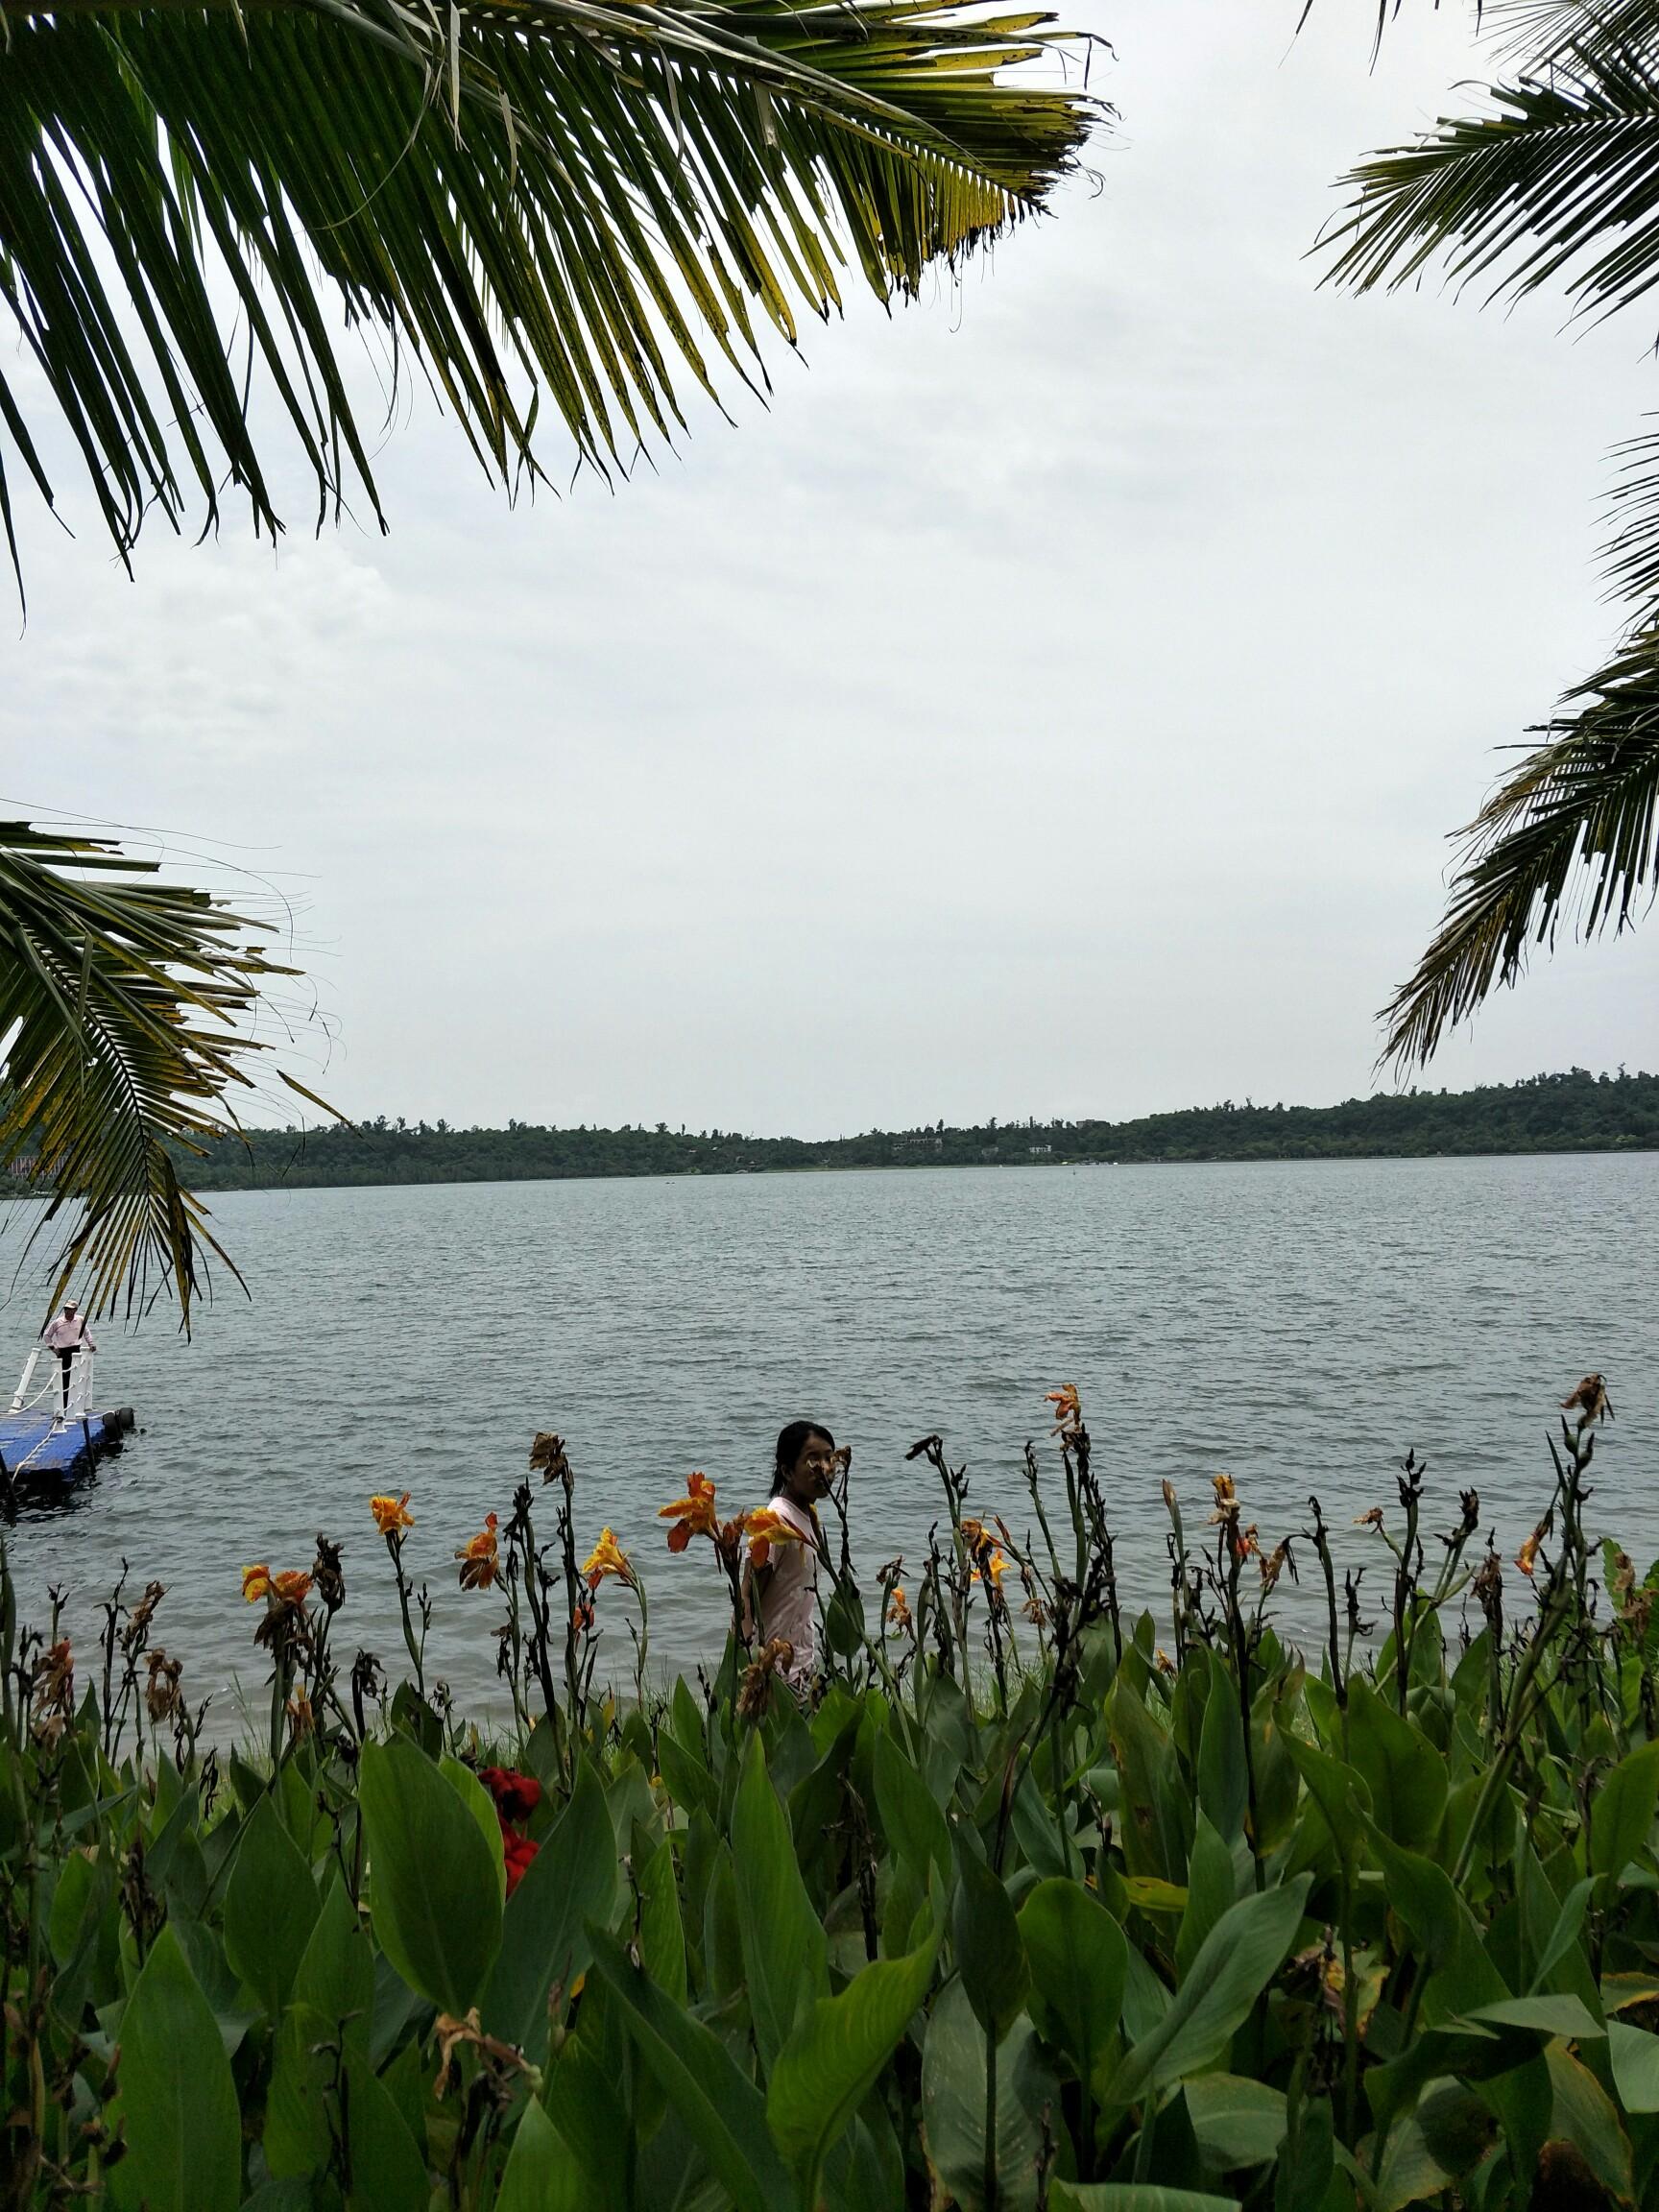 美丽的自然清水湖,风景优美,鱼仔成群